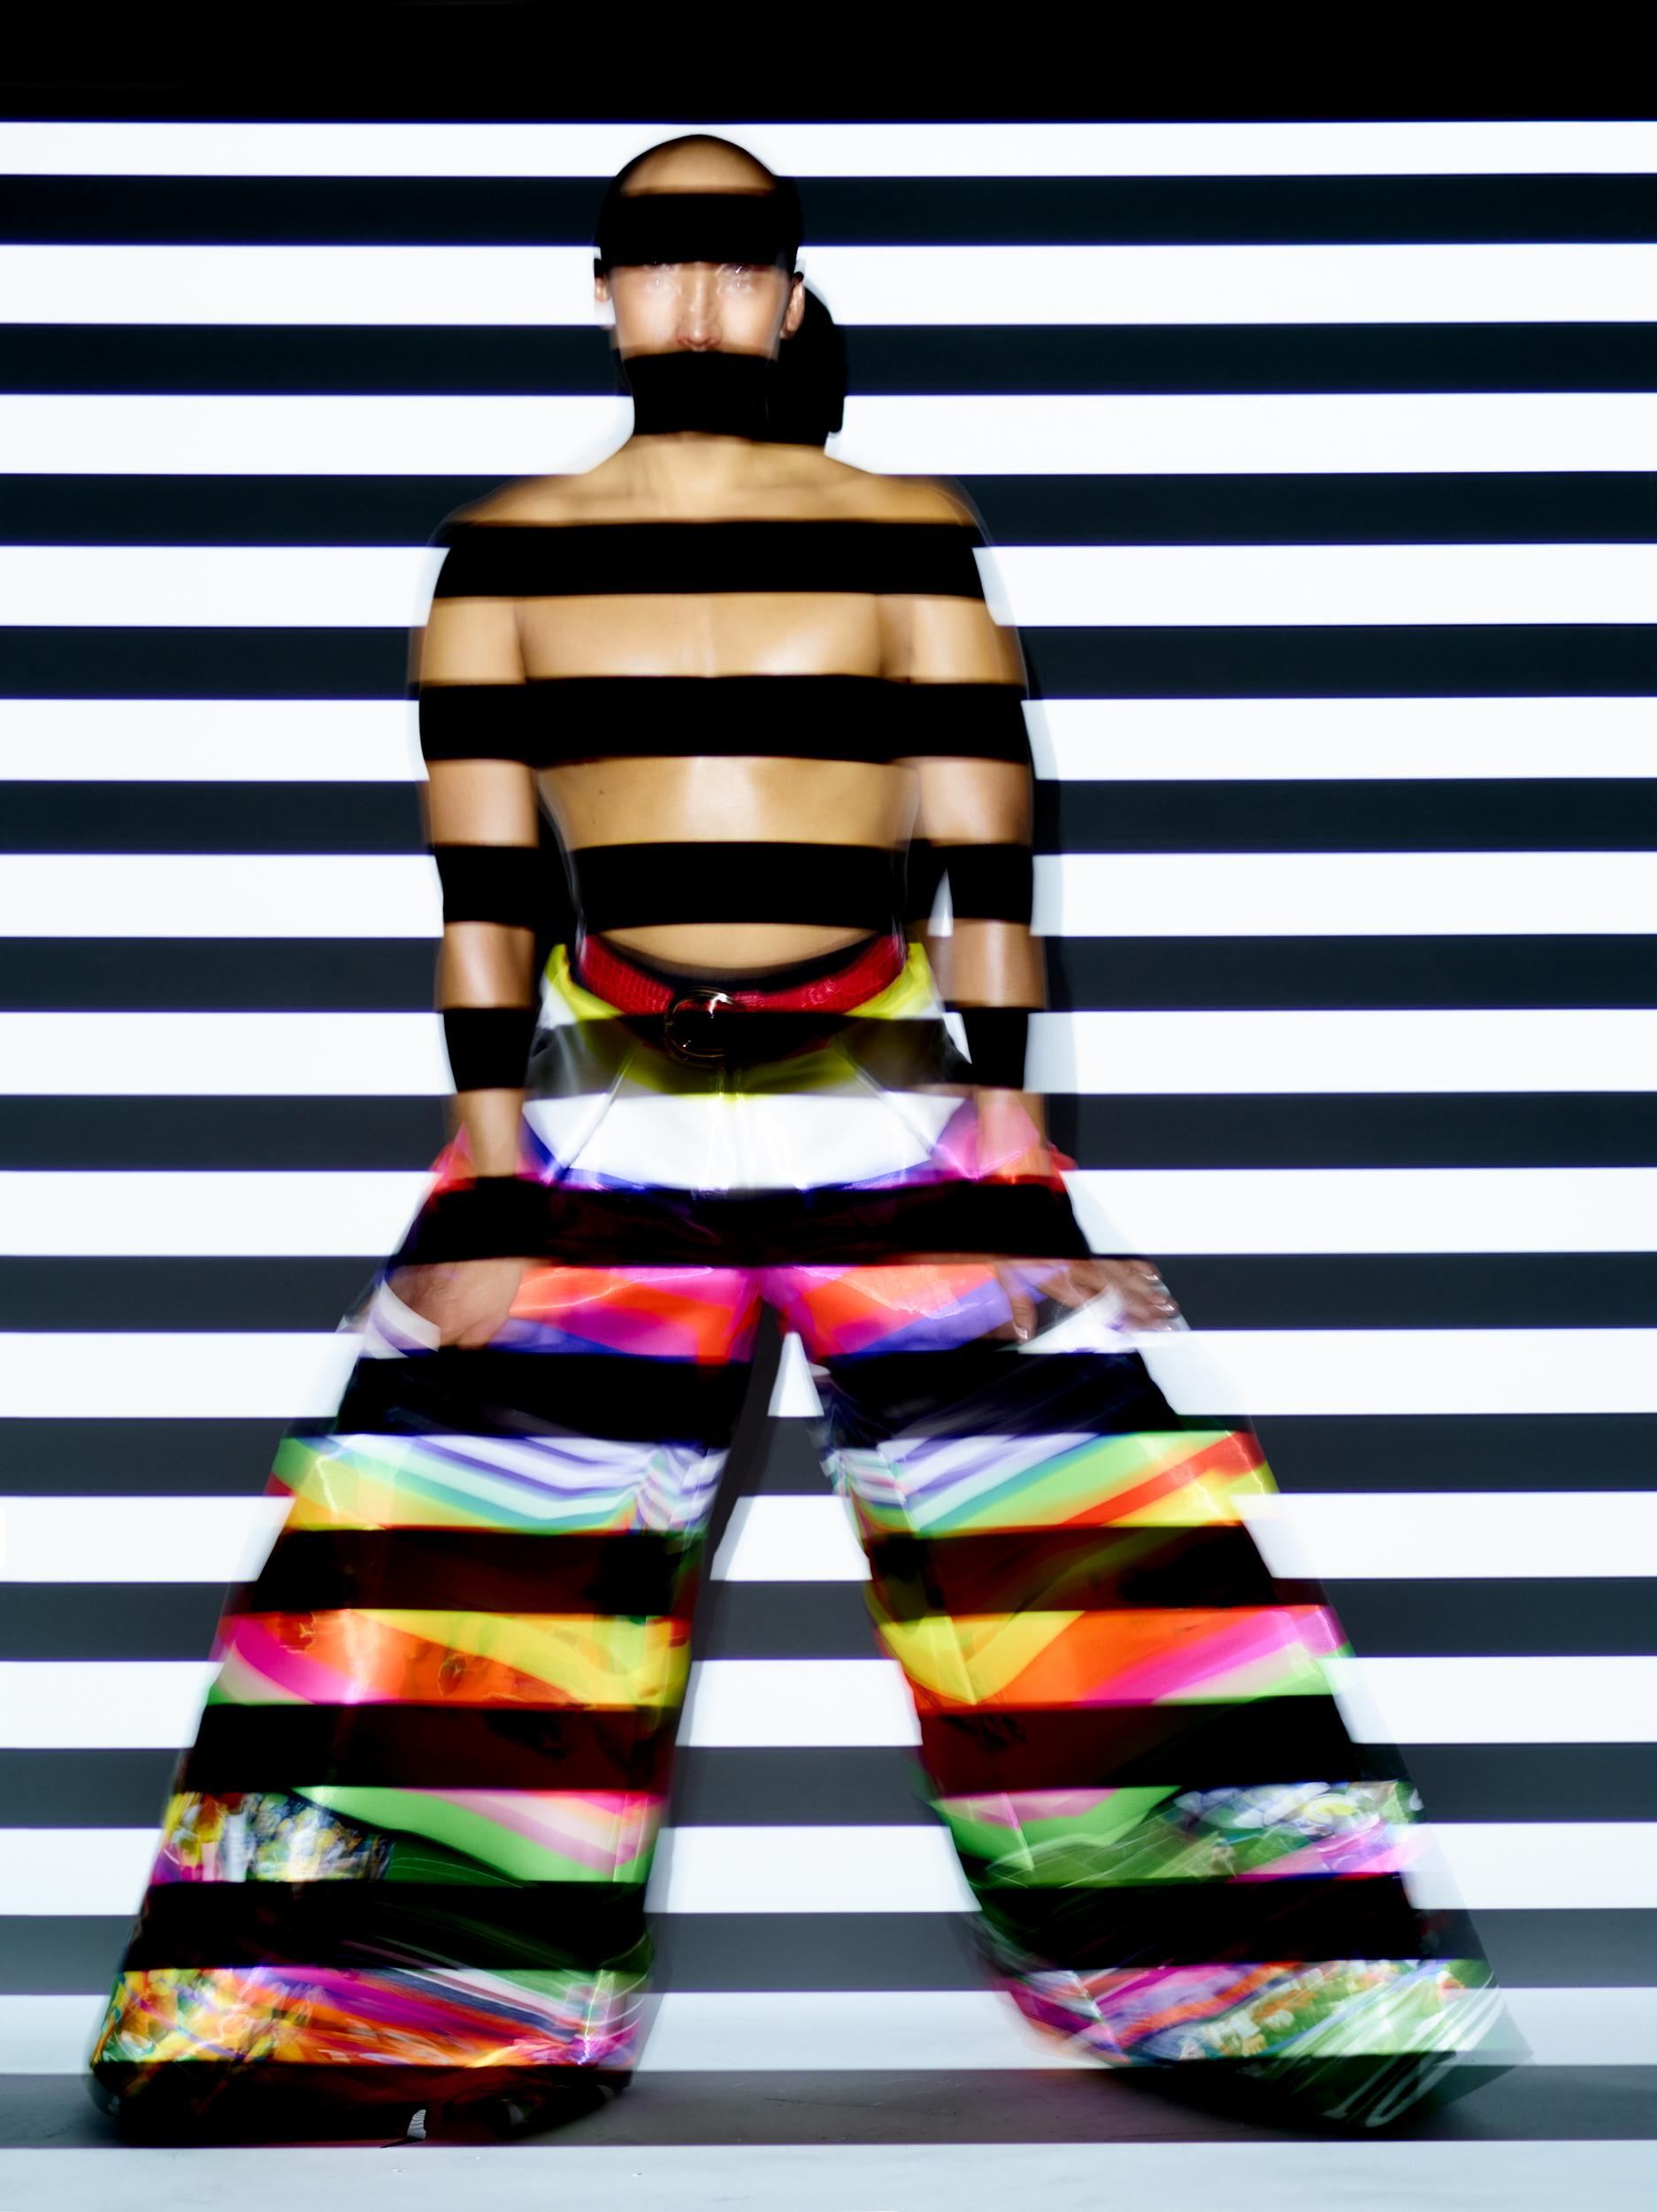 Indrek_Galetin_Seann_Miley_Moore_Abstraction_026.jpg